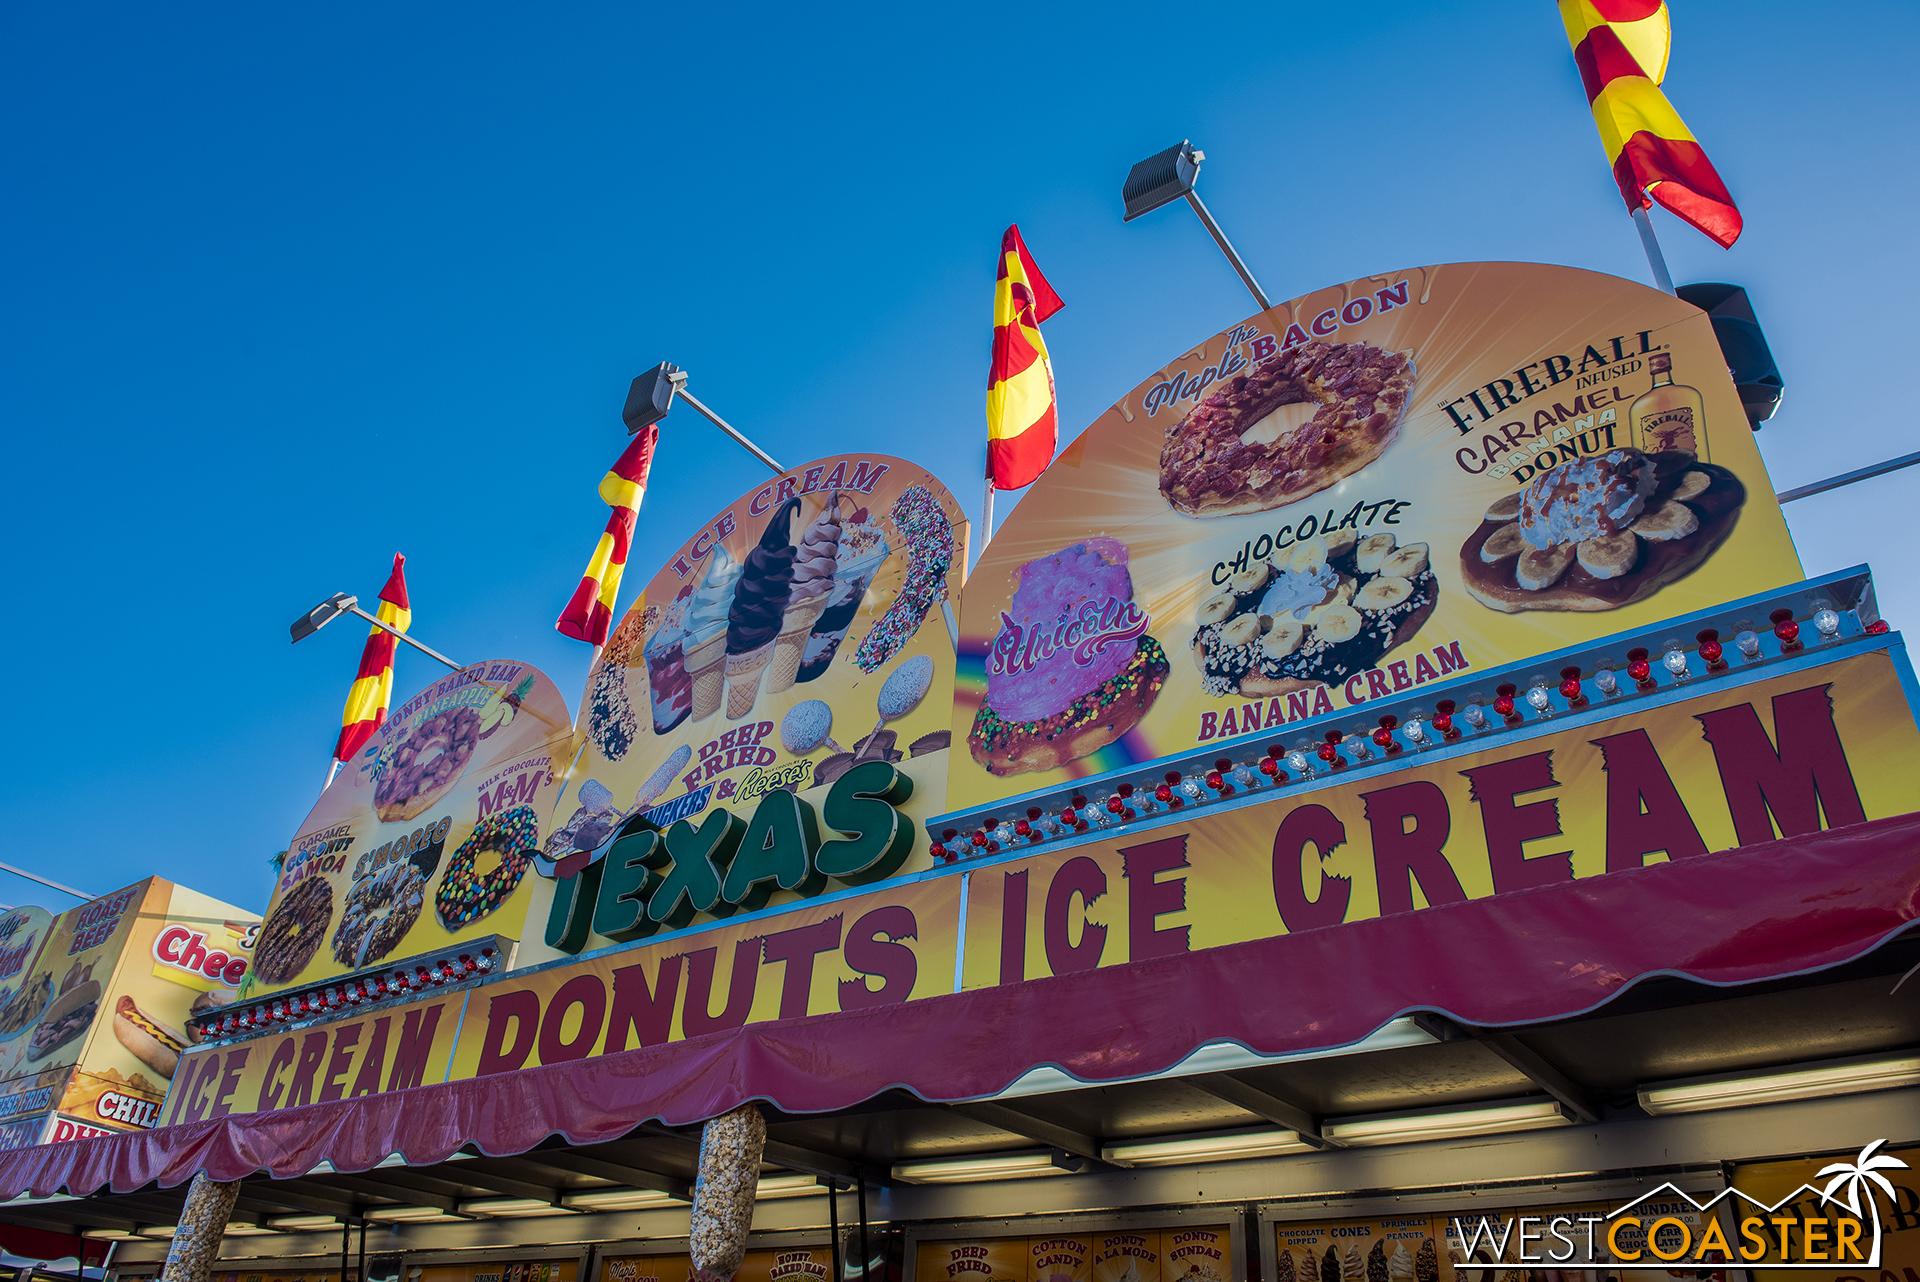 Texas Donuts, in the Main Mall central promenade, has a Unicorn Donut.  Cuz unicorns.